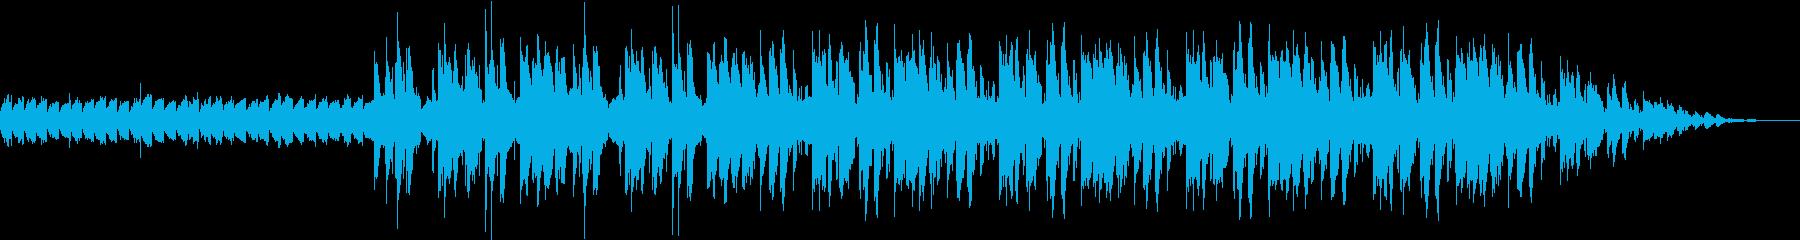 おしゃれなJazzHipohopの再生済みの波形